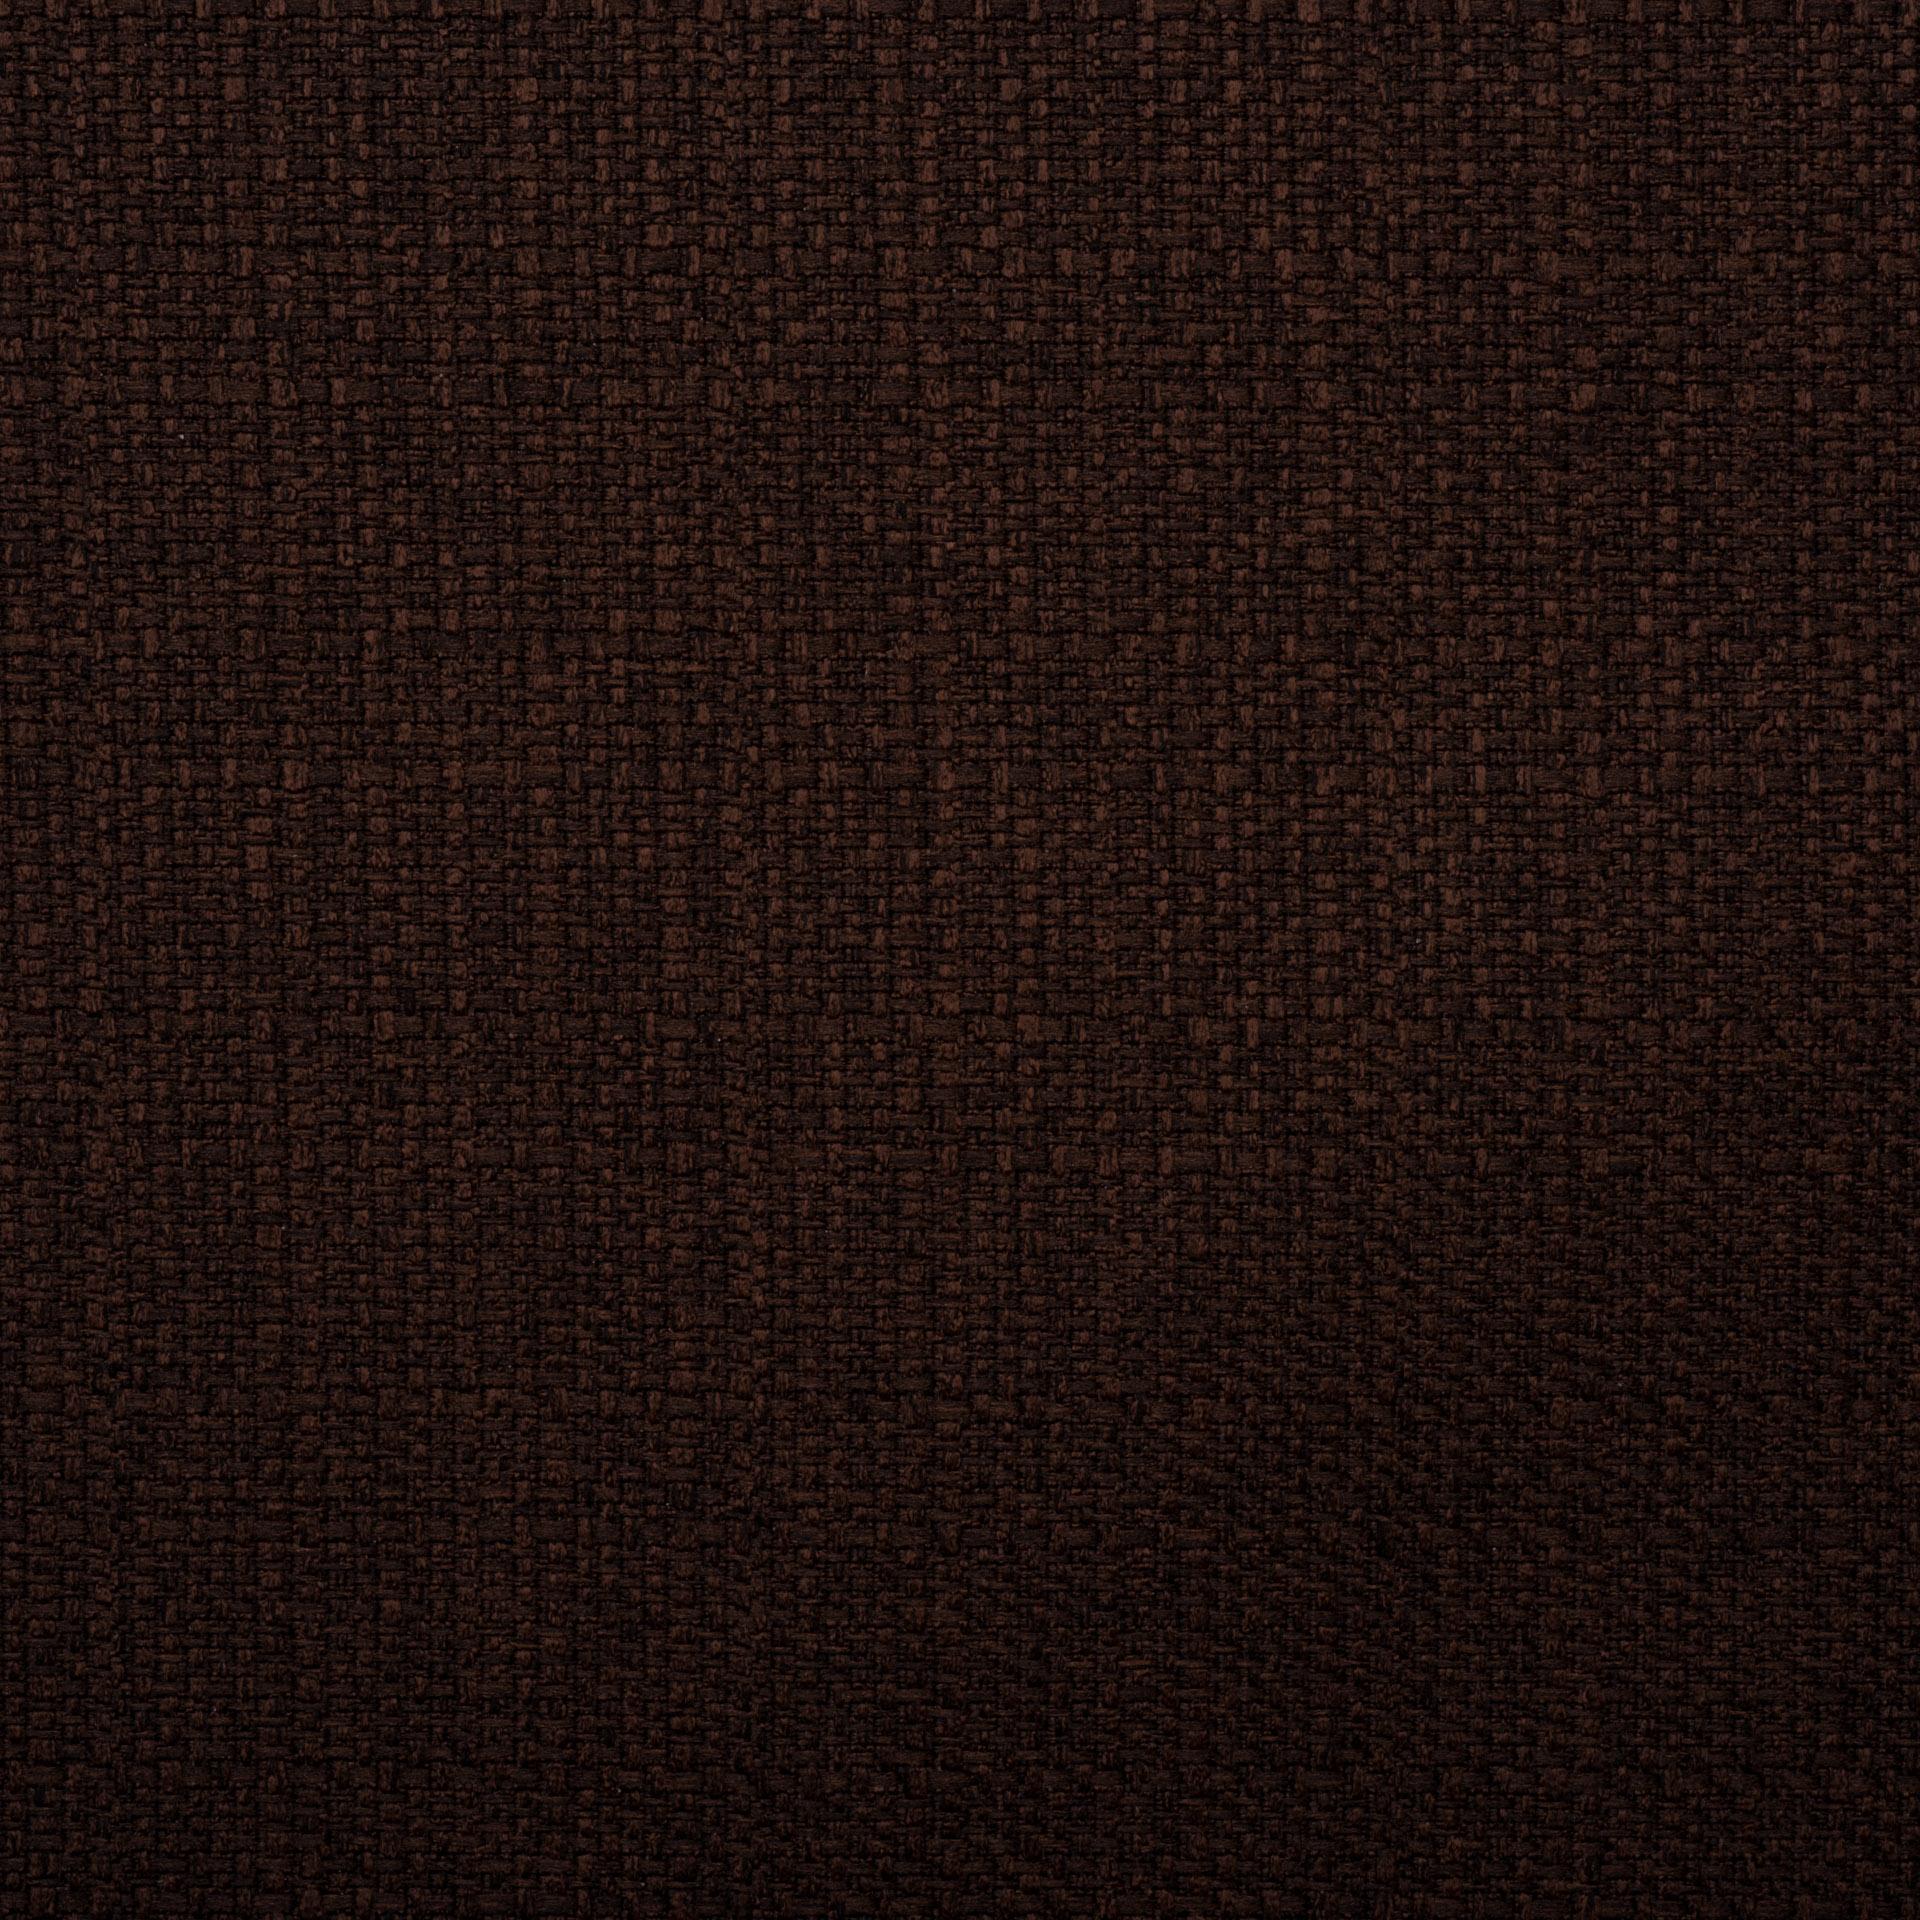 Коллекция ткани Портленд BROWN 27,  купить ткань Рогожка для мебели Украина